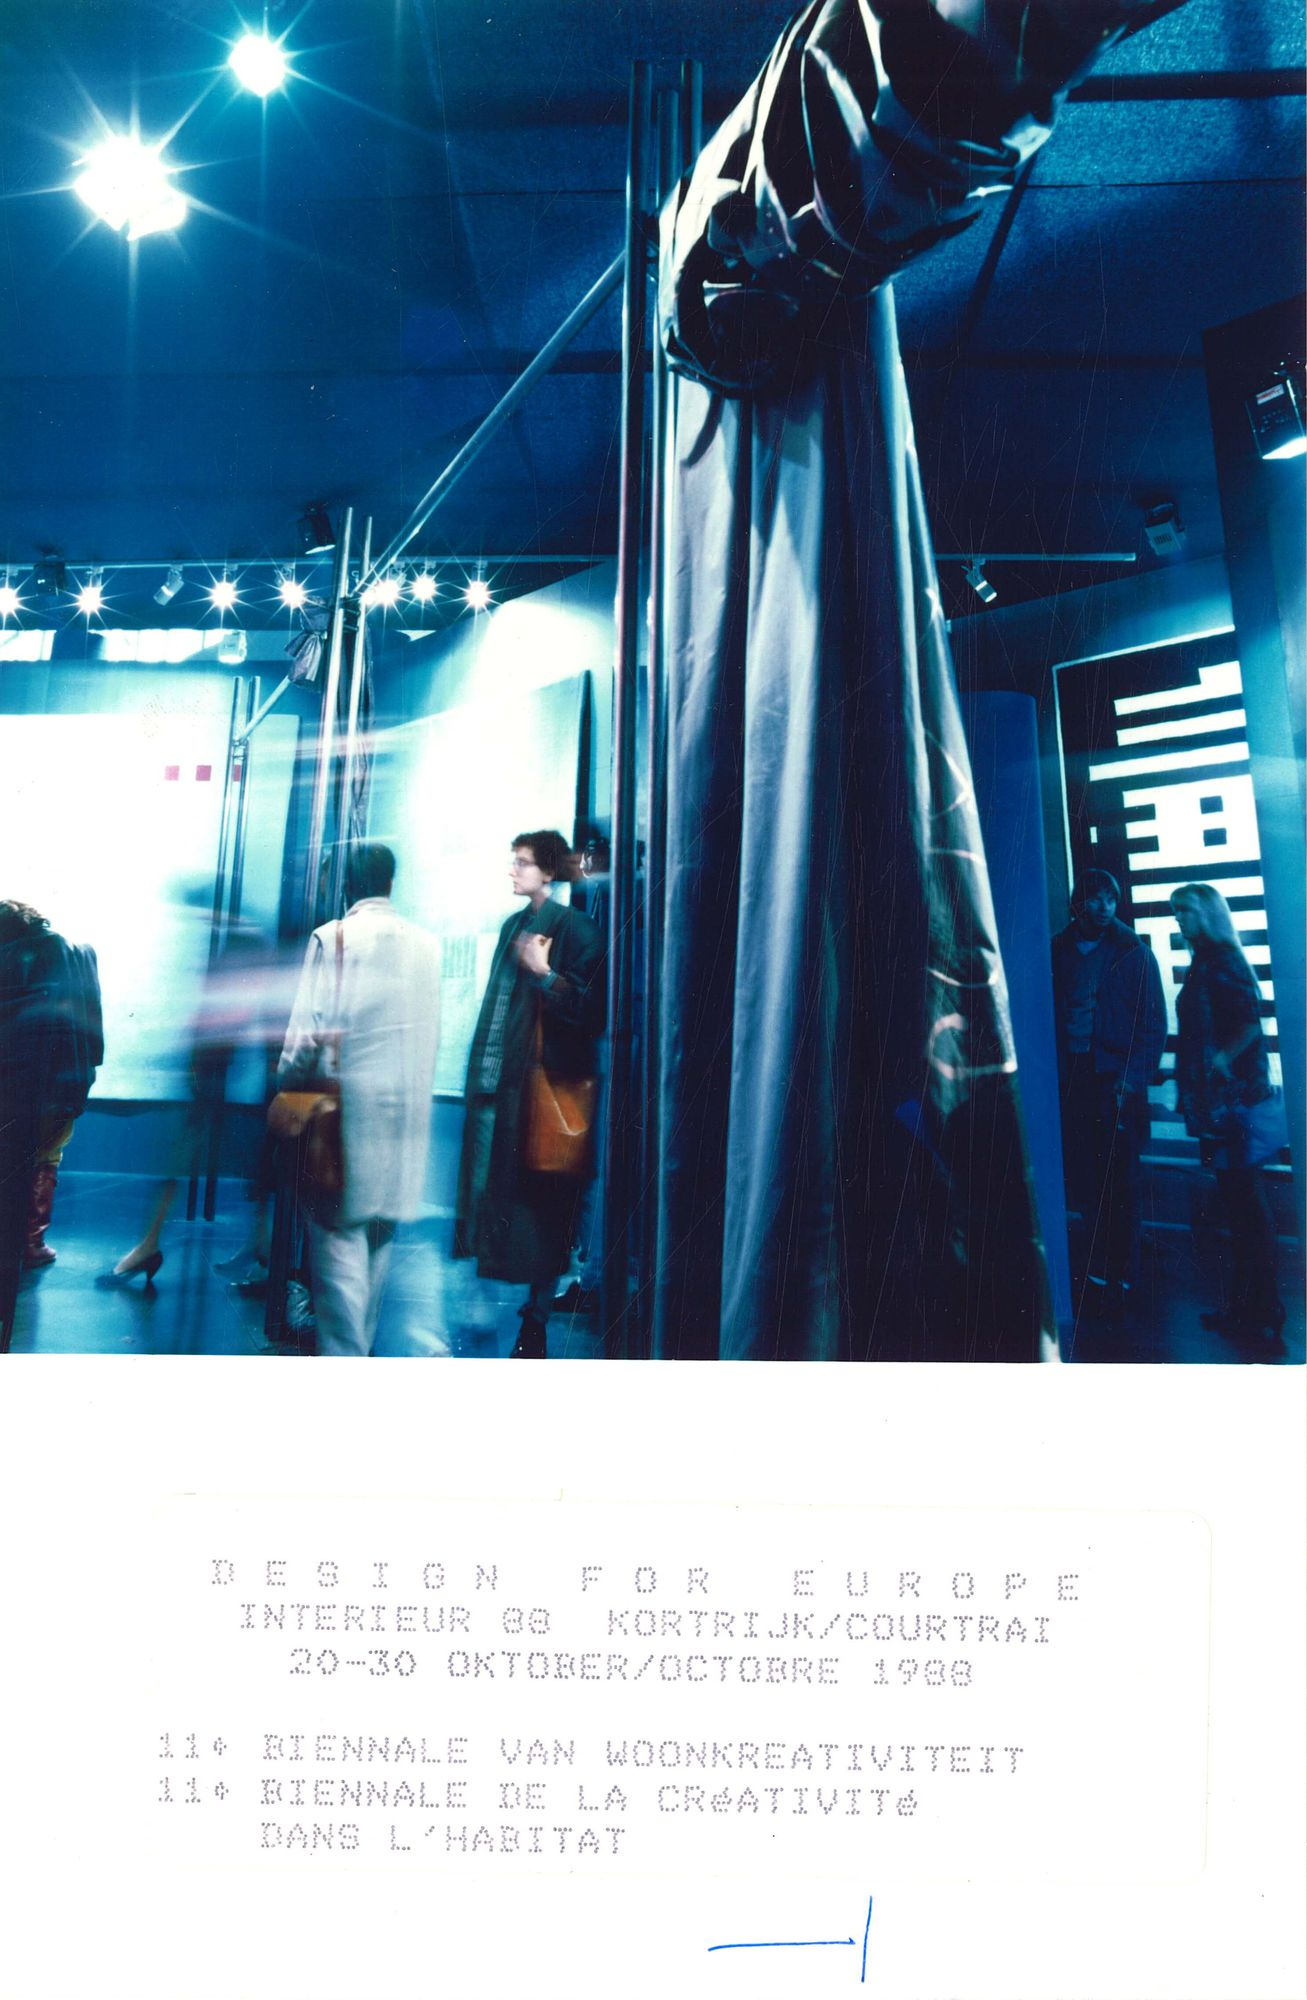 Interieur 1988